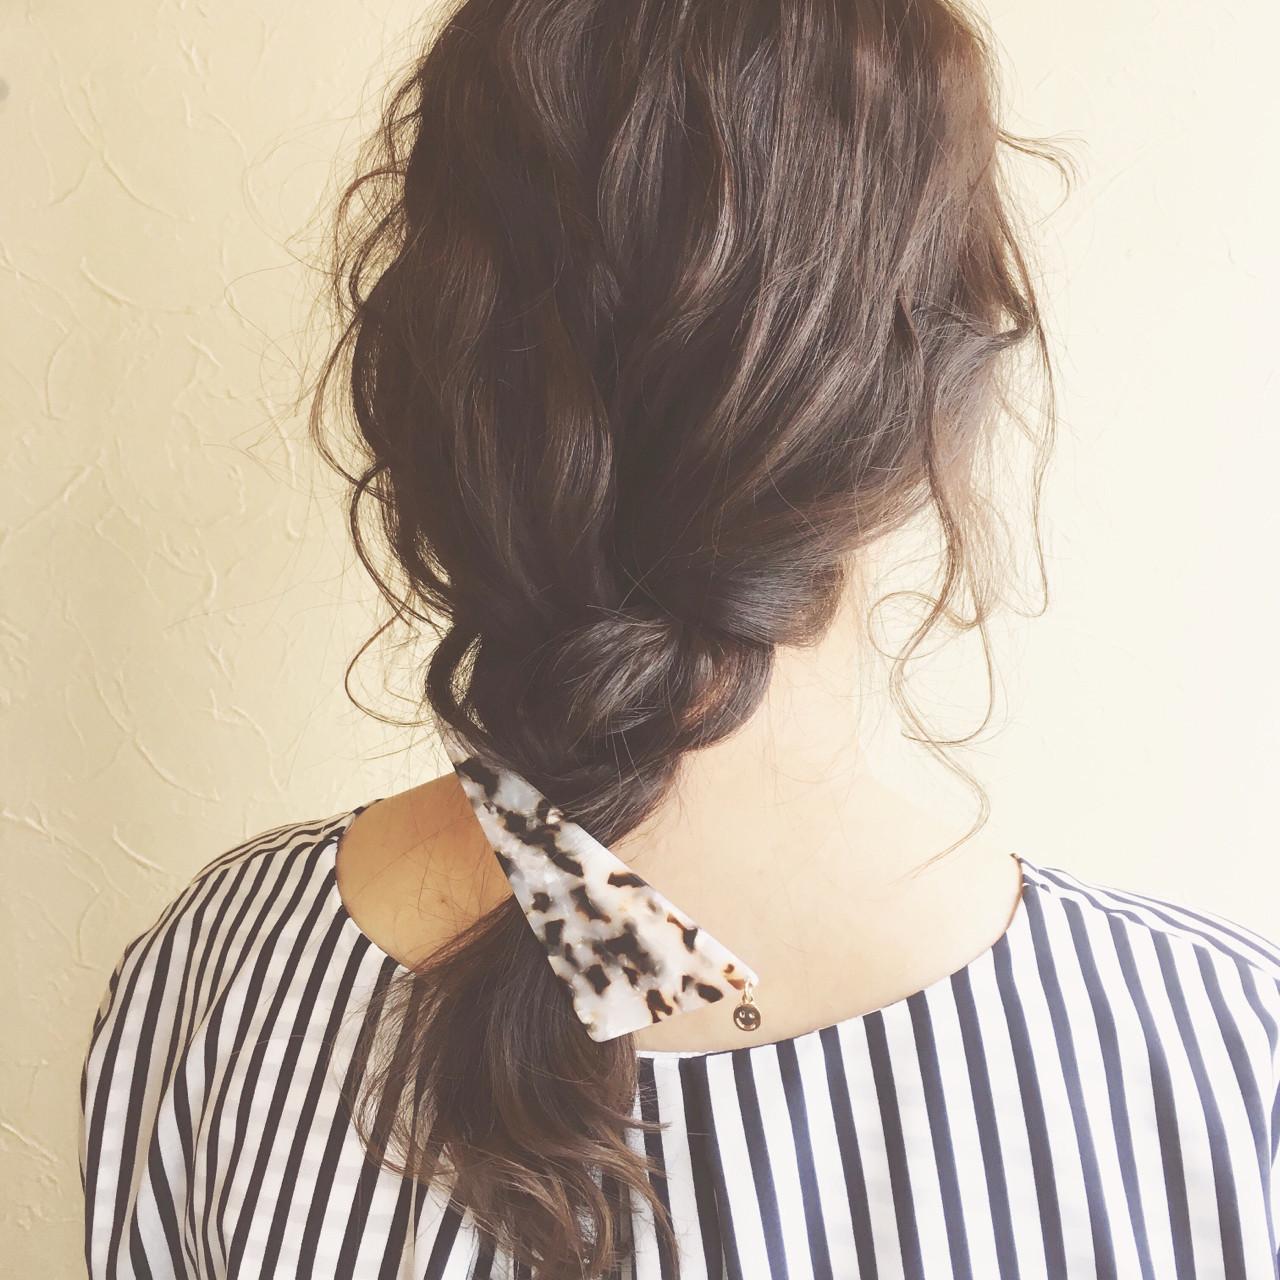 三角クリップ ナチュラル ヘアクリップ デート ヘアスタイルや髪型の写真・画像